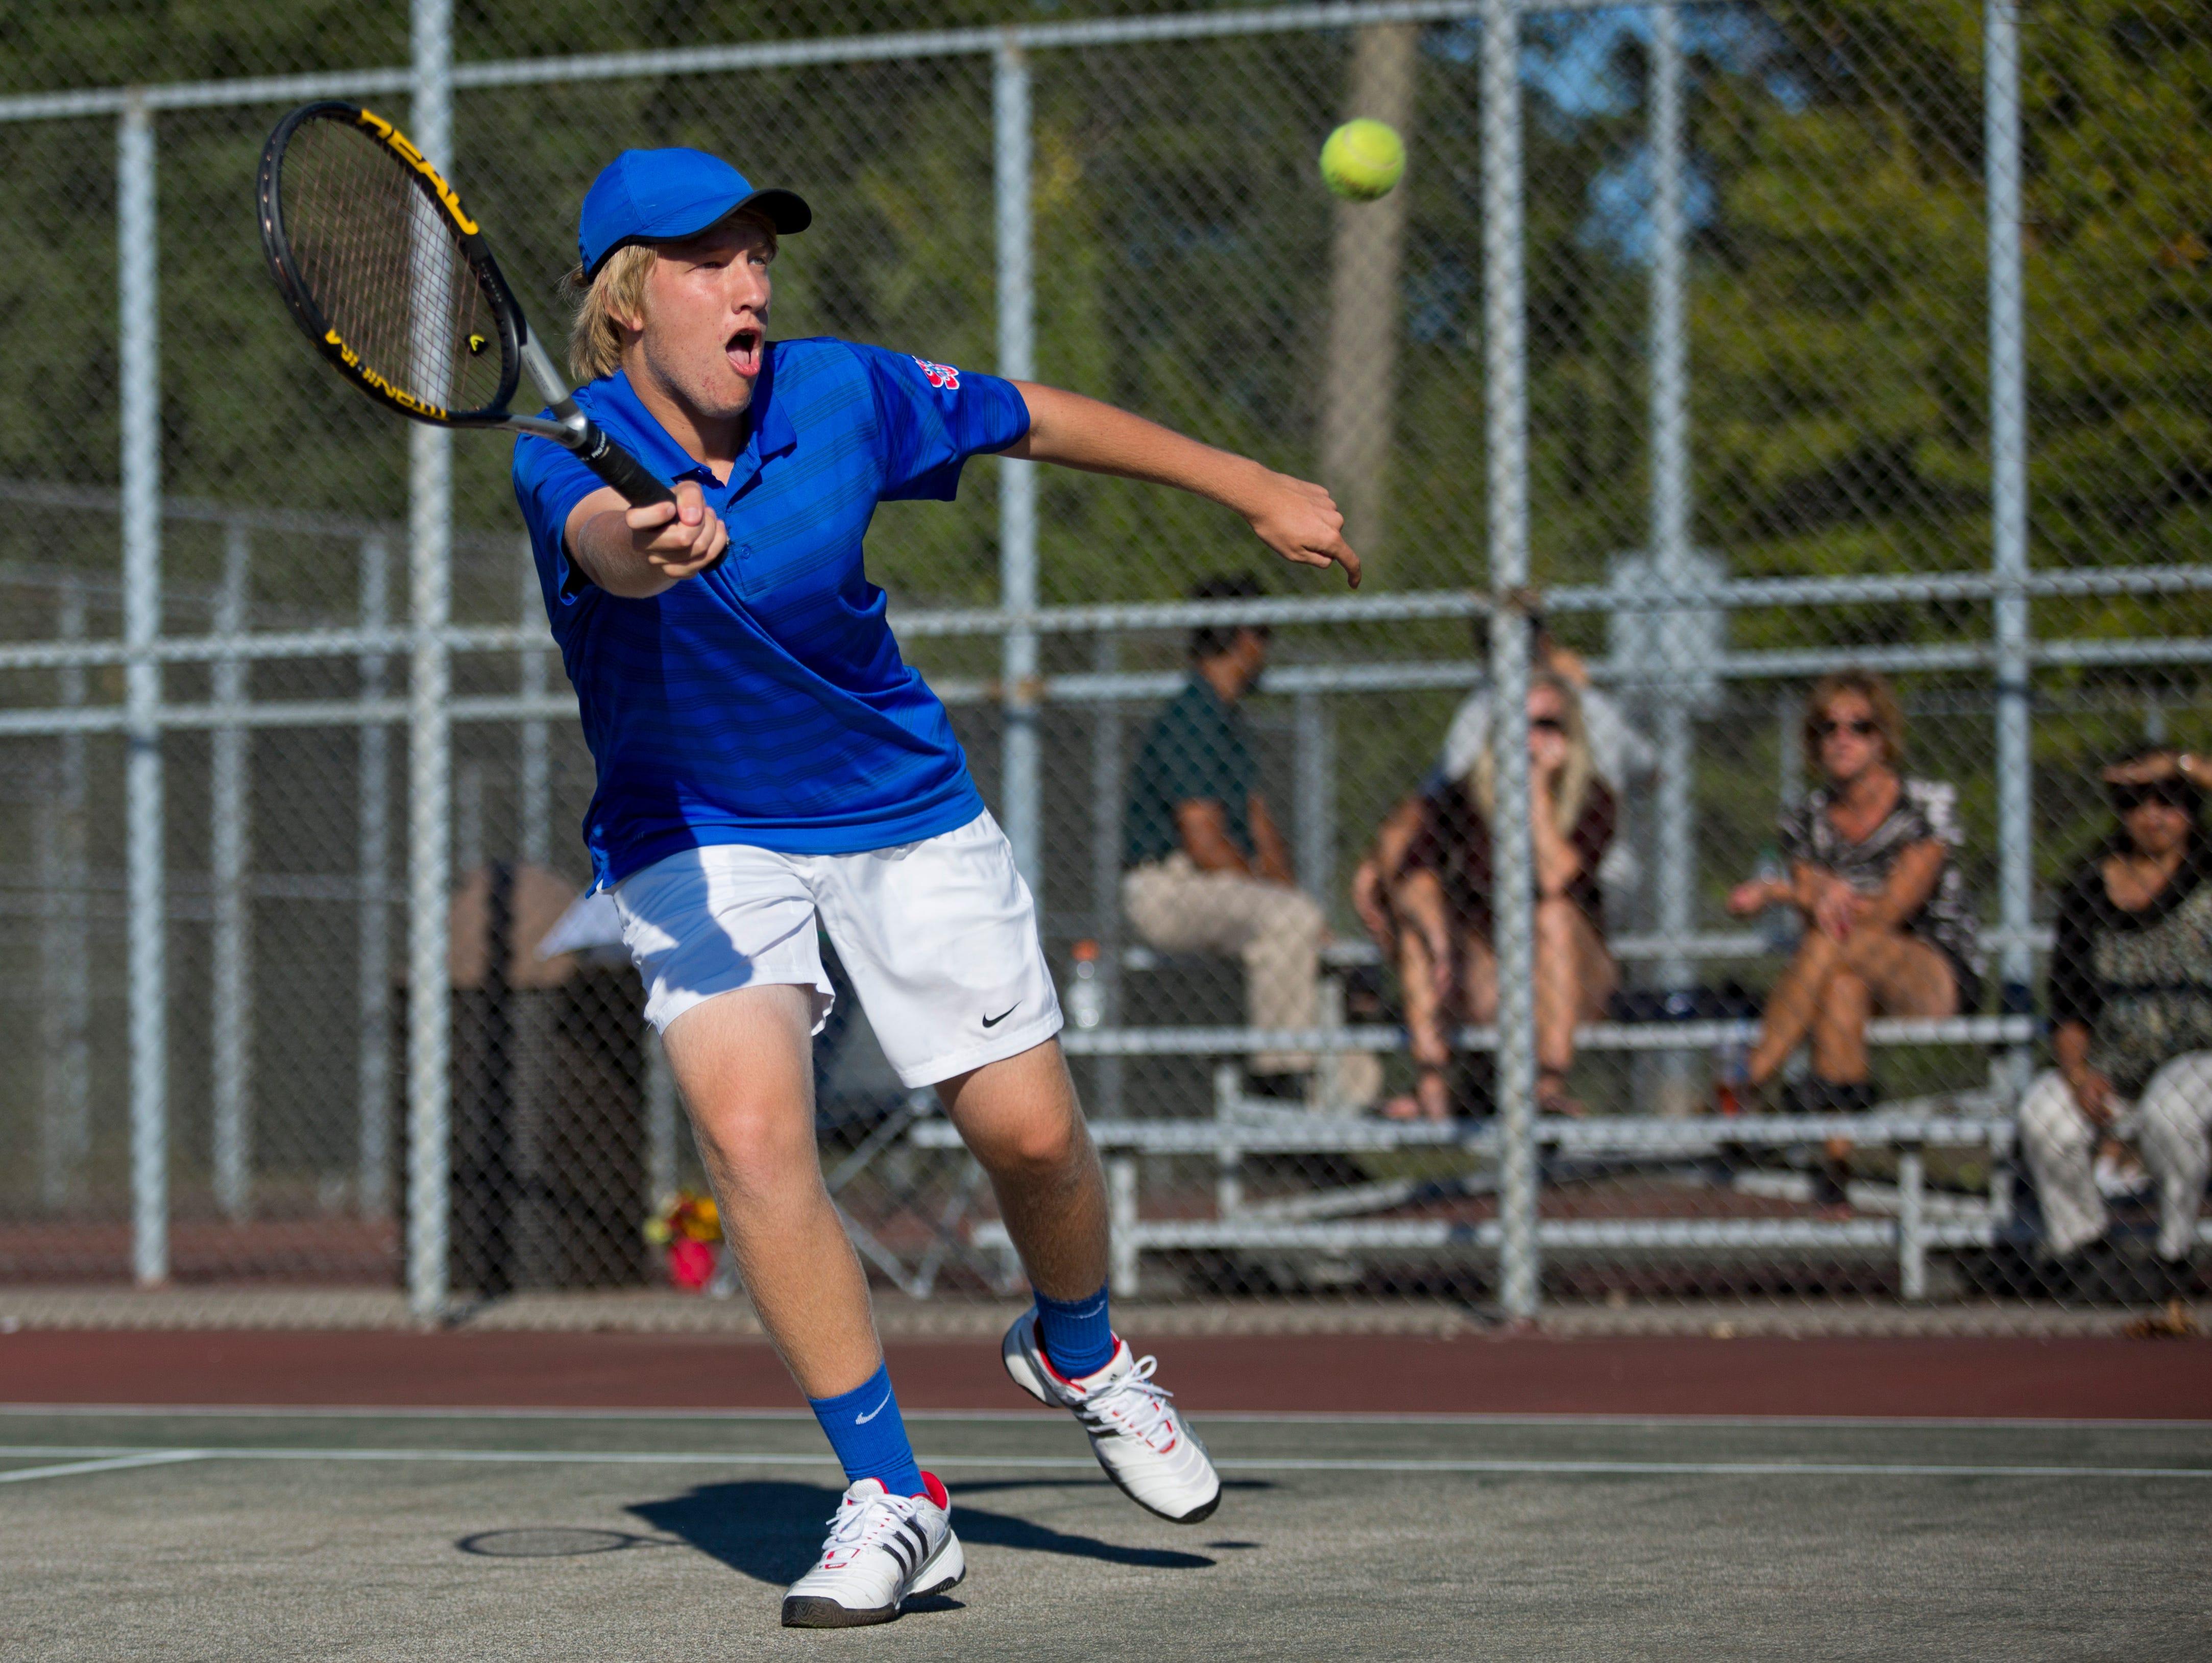 St. Clair senior Matt Tetreau returns the ball during a tennis match Wednesday, September 23, 2015 at Port Huron Northern High School.